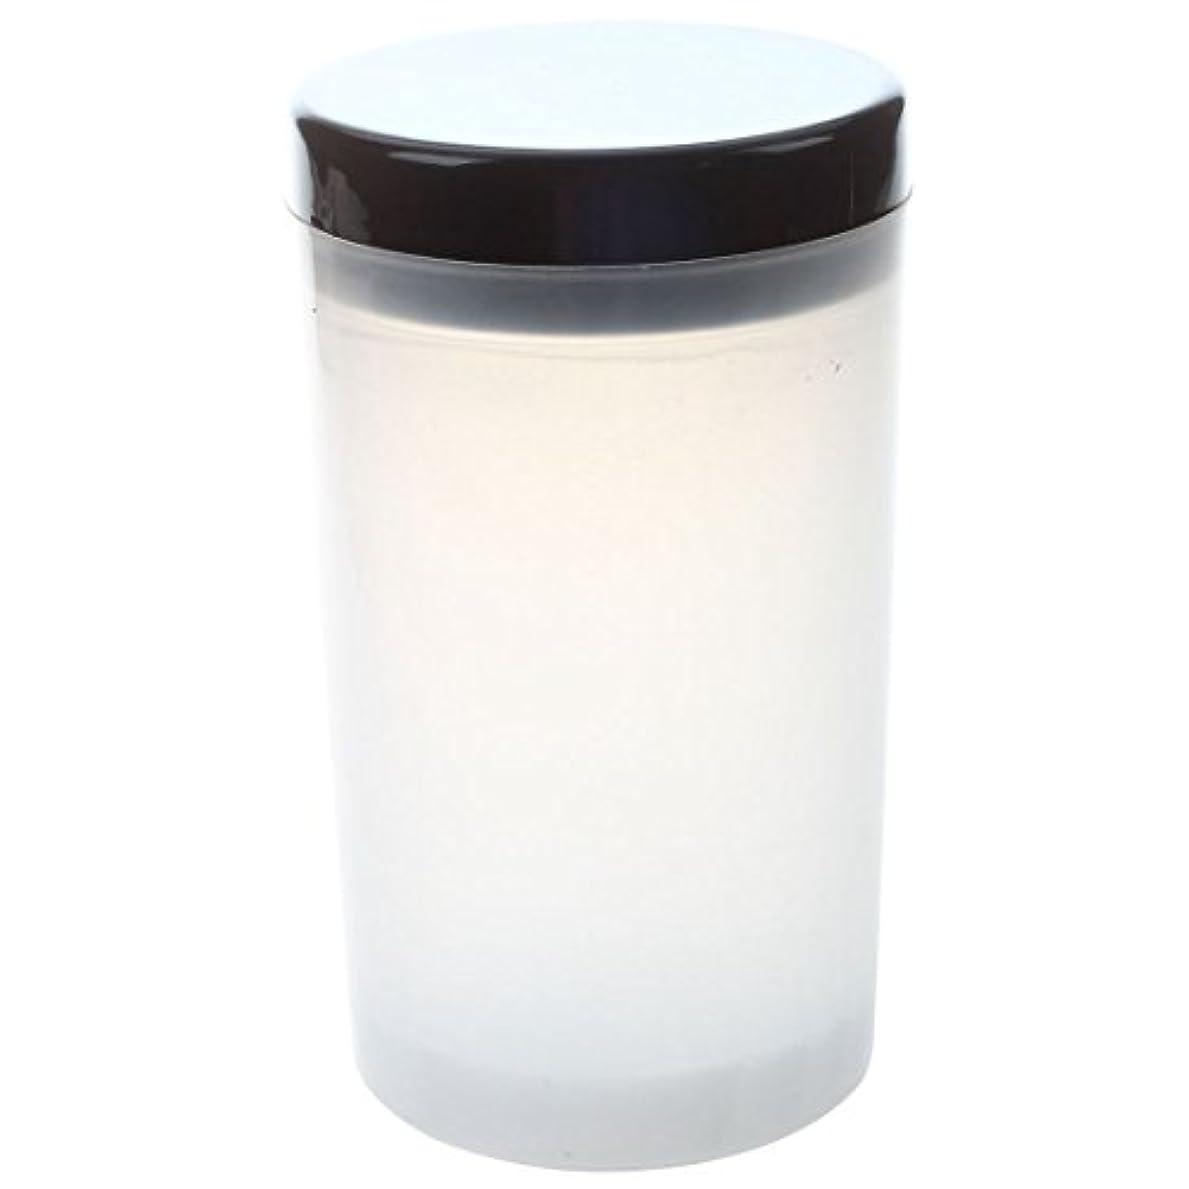 赤道ブレンド拘束するCikuso ネイルアートチップブラシホルダー リムーバーカップカップ浸漬ブラシ クリーナーボトル